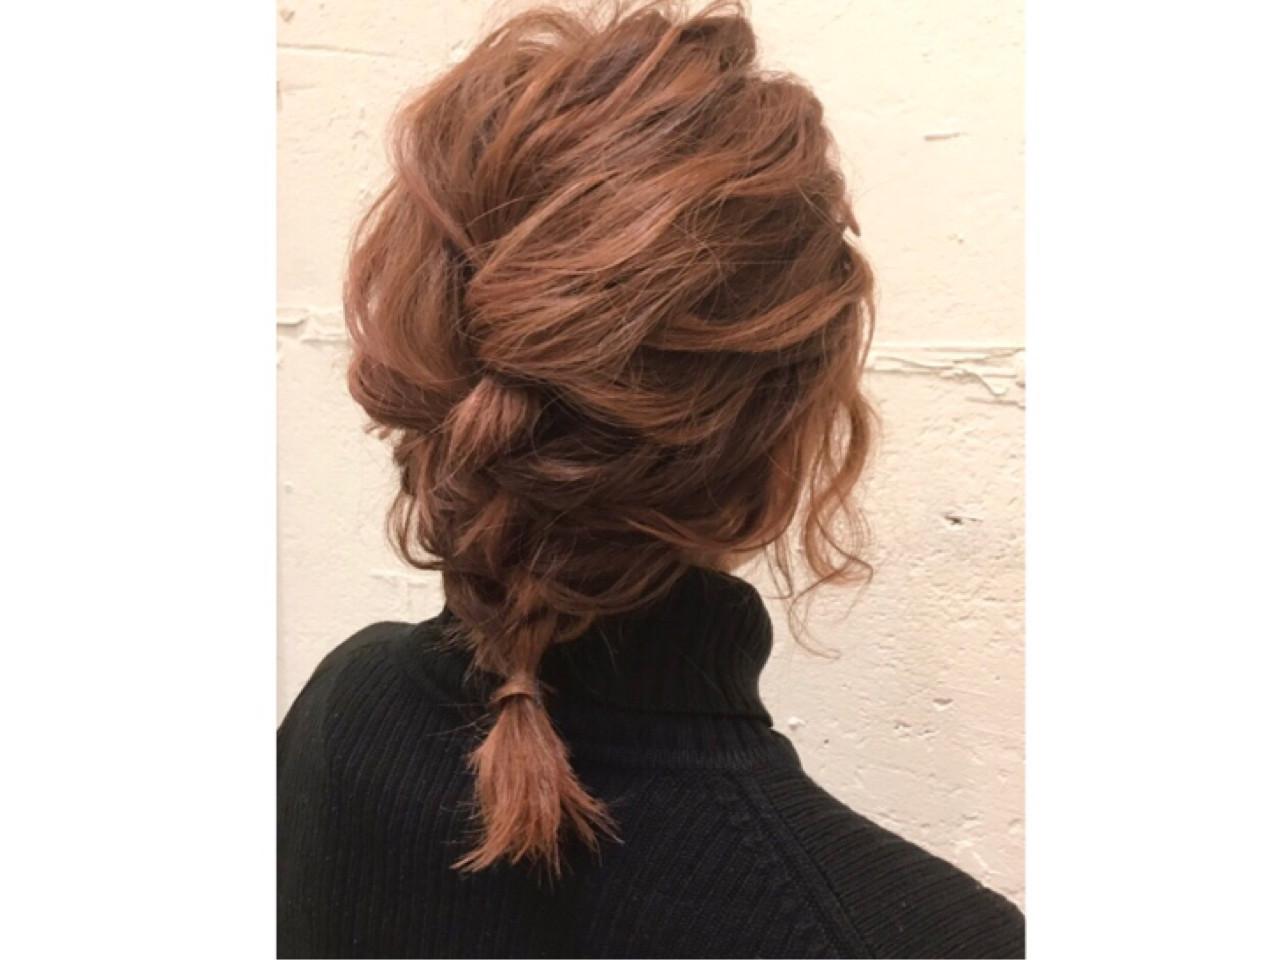 ショート ガーリー ボブ 簡単ヘアアレンジ ヘアスタイルや髪型の写真・画像